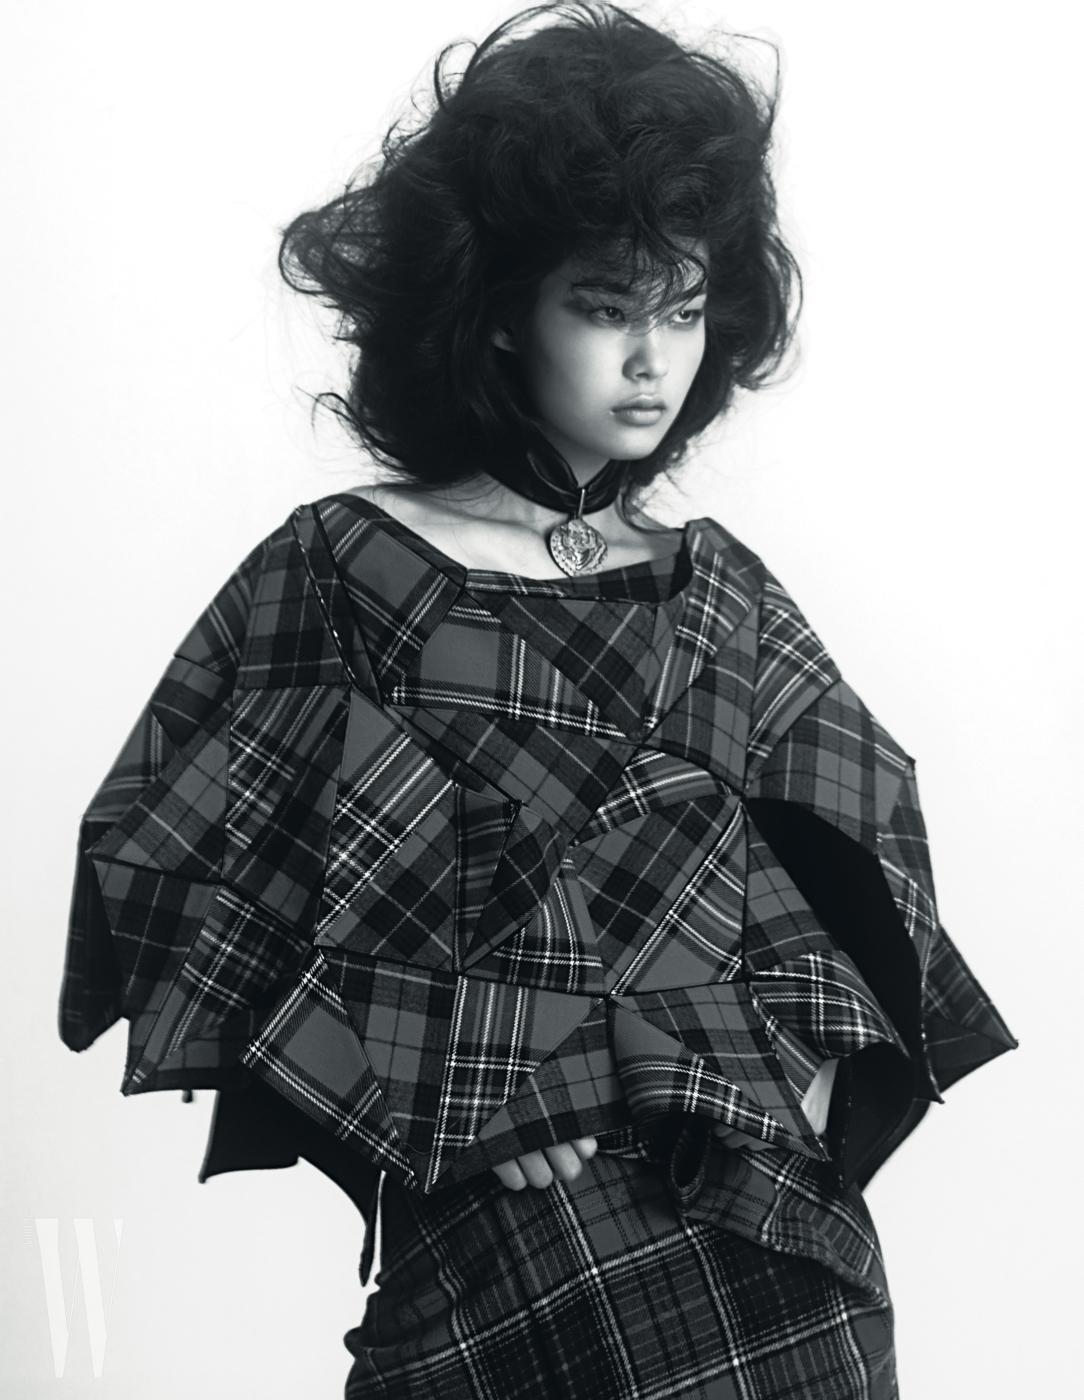 천예슬이 입은 오리가미 형태의 체크 케이프와 체크 스커트는 Junya Watanabe, 가부키 펜던트가 달린 초커는 Louis Vuitton 제품.